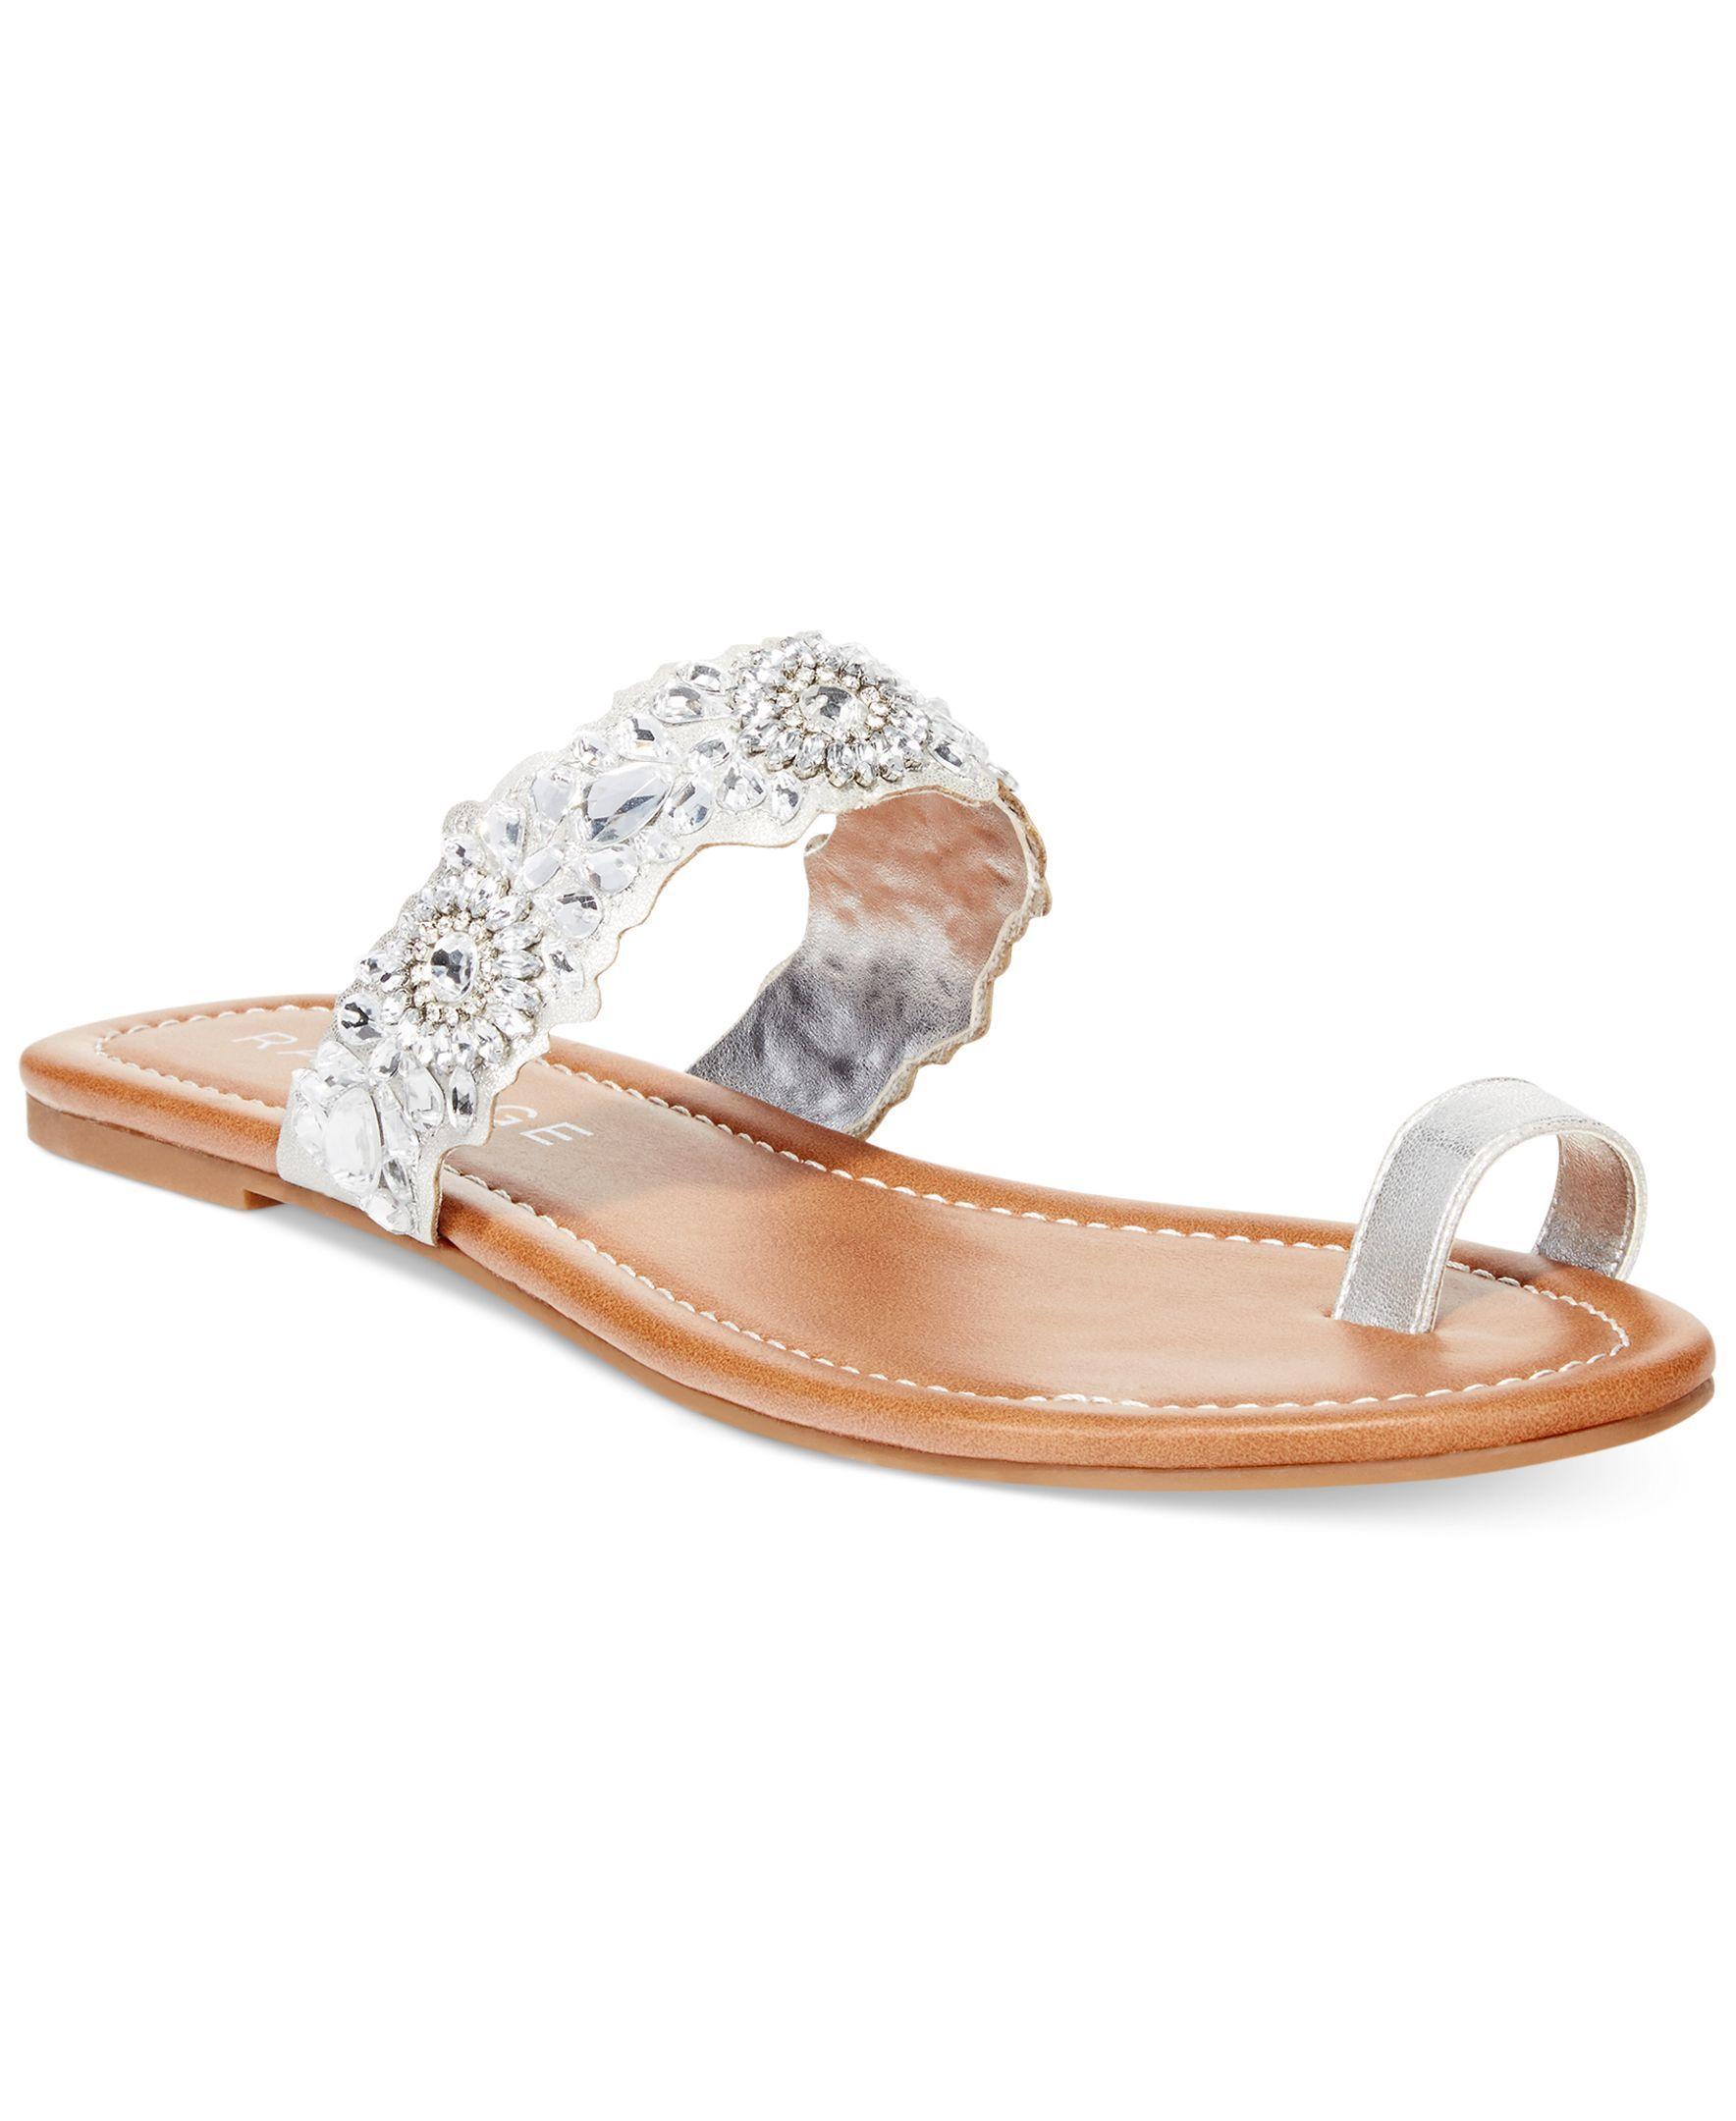 87a5af080 Rampage Raila Toe Thong Slide Sandals